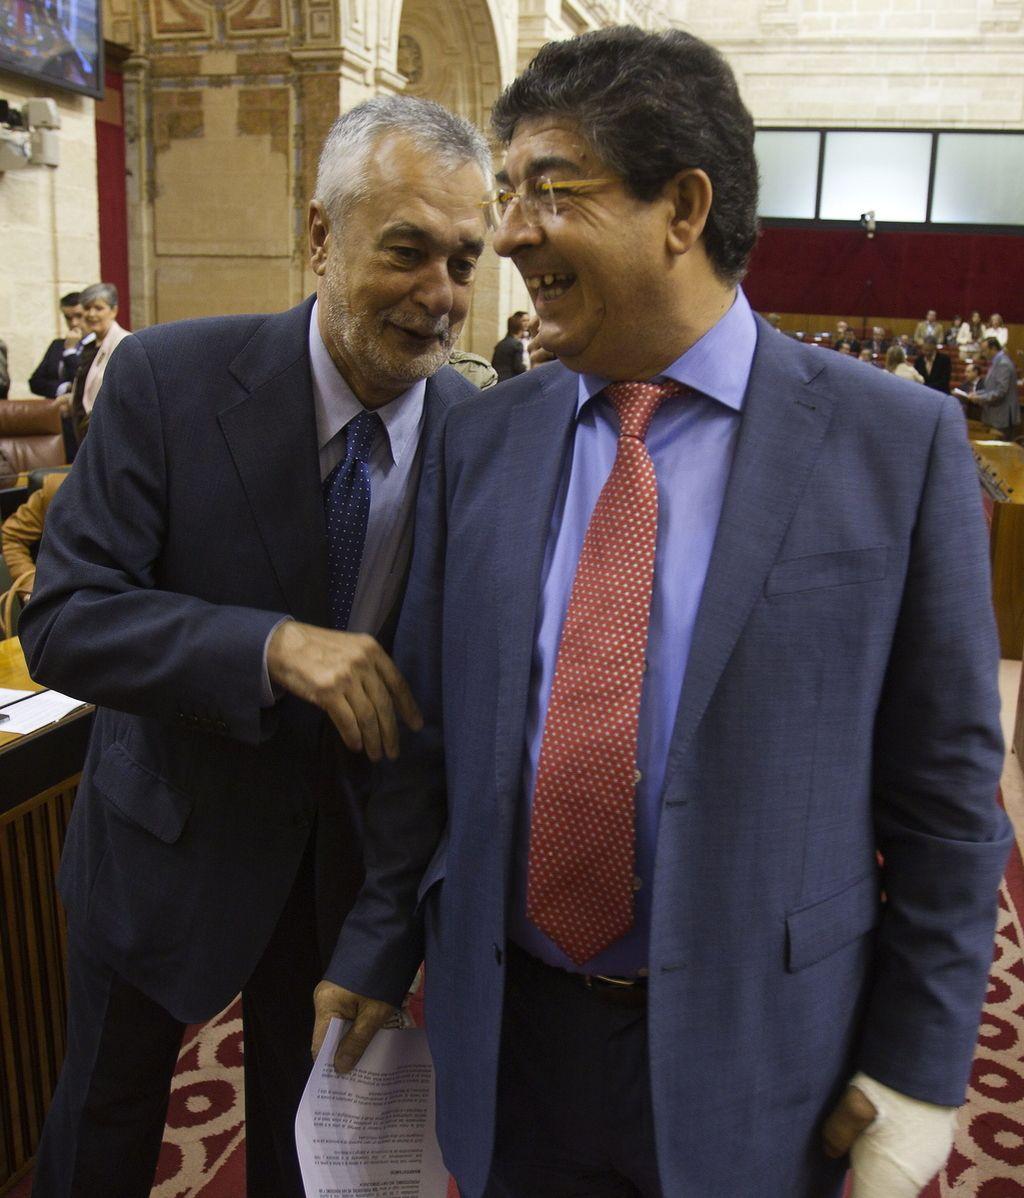 José Antonio Griñán y Diego Valderas